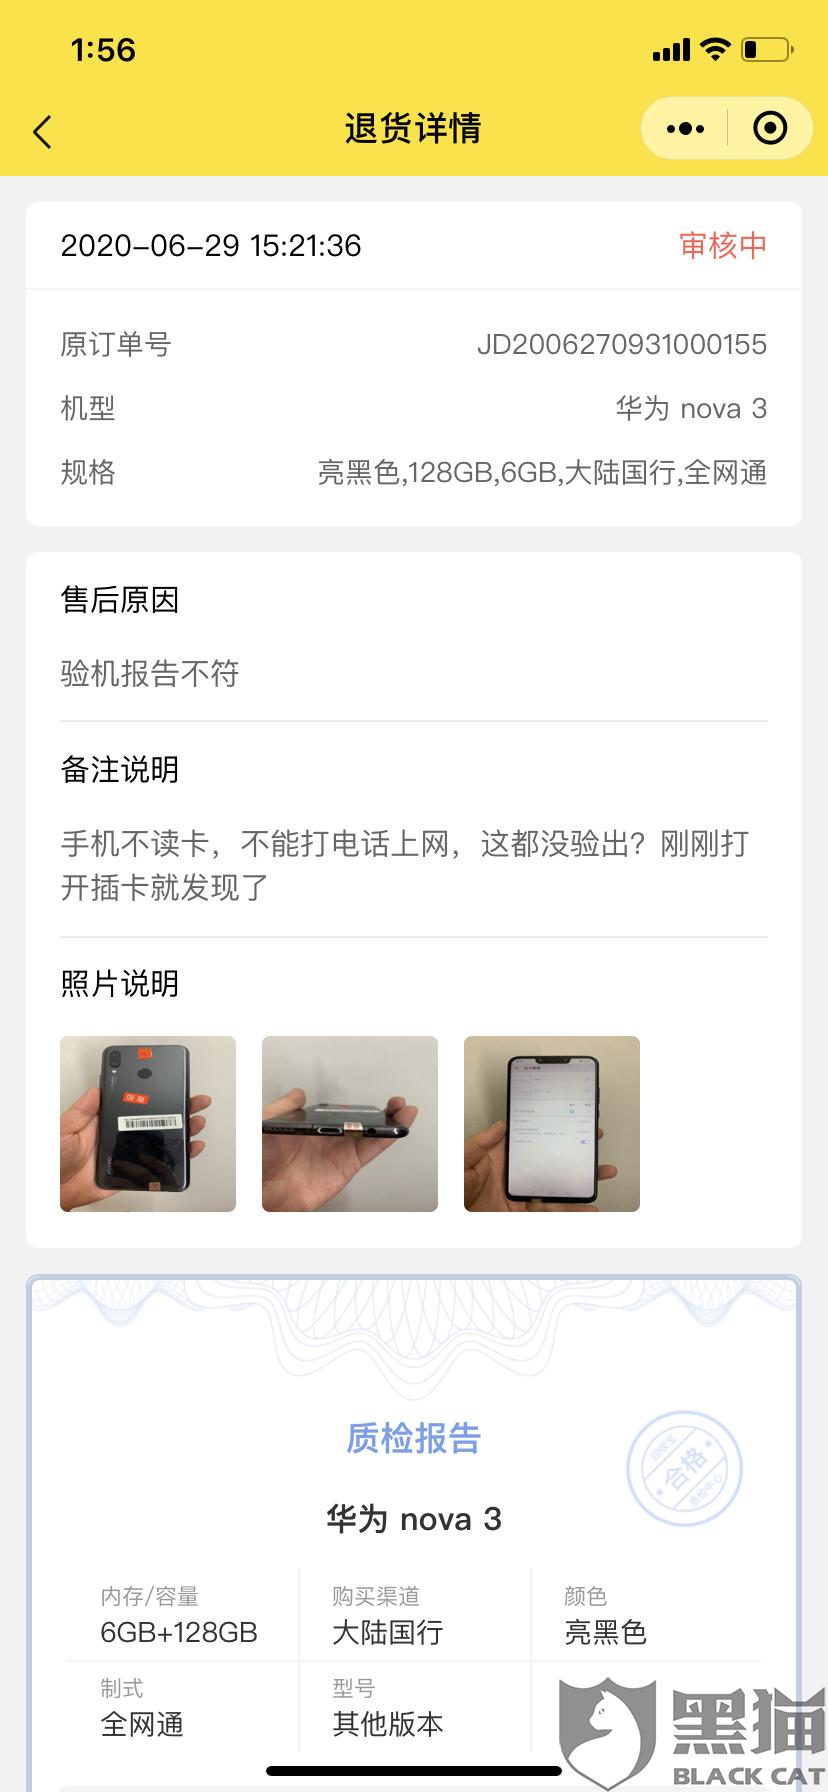 黑猫投诉:回收宝竞拍的华为nova3不读卡,6月29号申请售后一直不退货退款